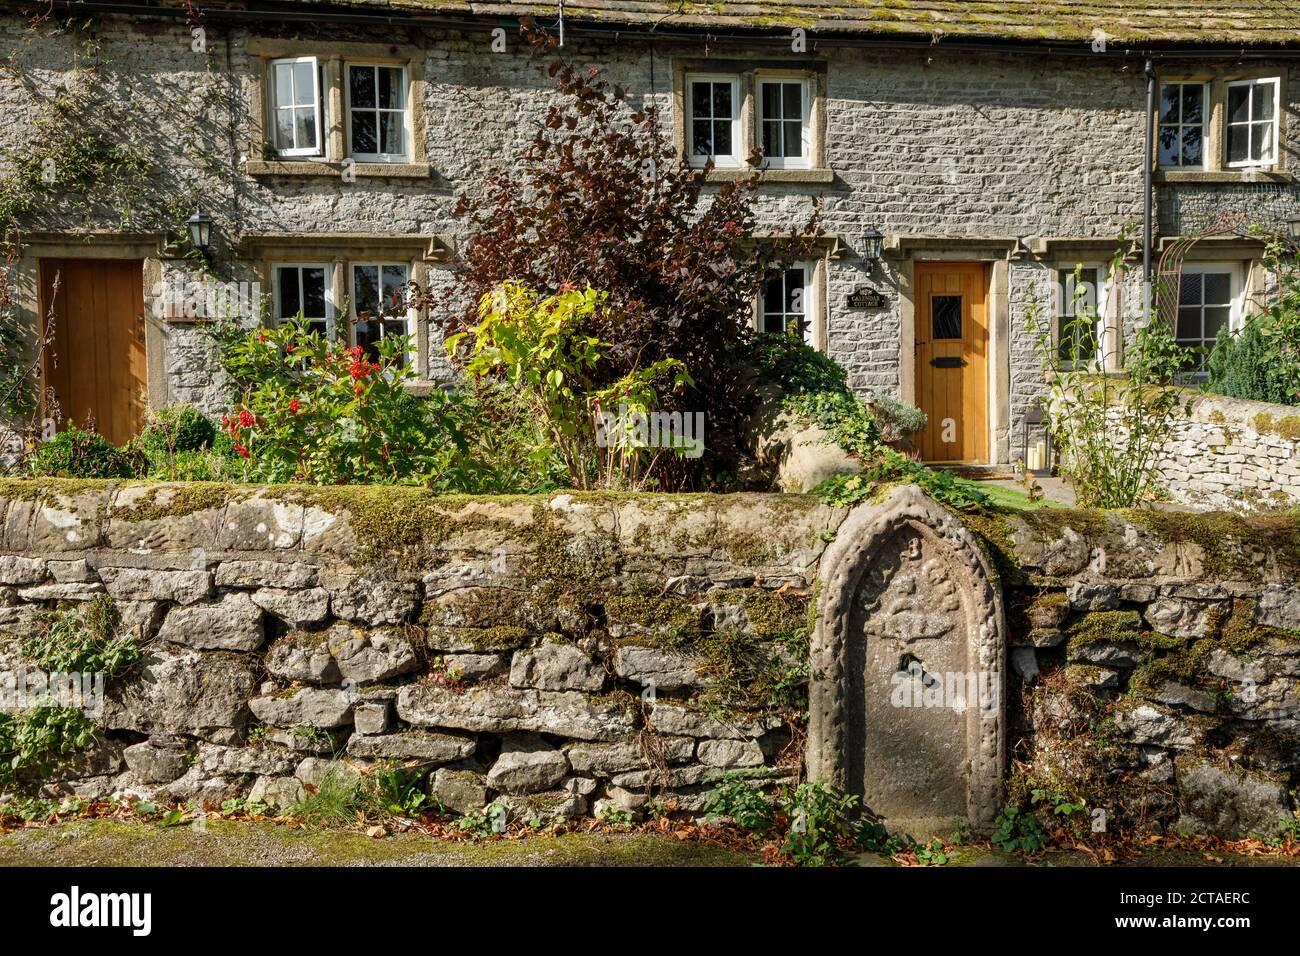 Un viejo pozo en el pueblo de Middleton-by-Youlgrave, Parque Nacional del Distrito de los Picos, Derbyshire Foto de stock